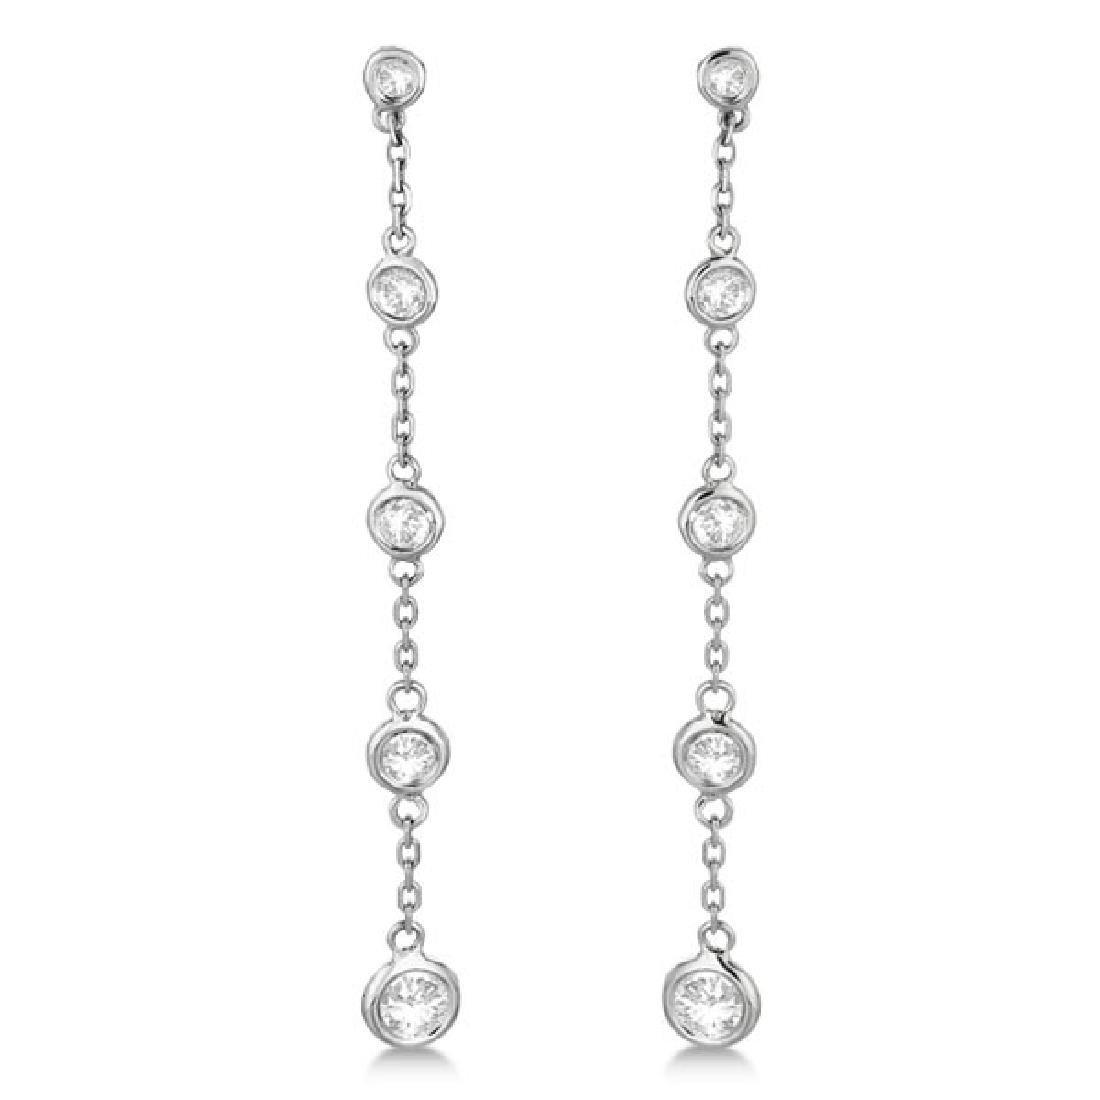 Bezel-Set Diamonds By The Yard Drop Earrings 14k White